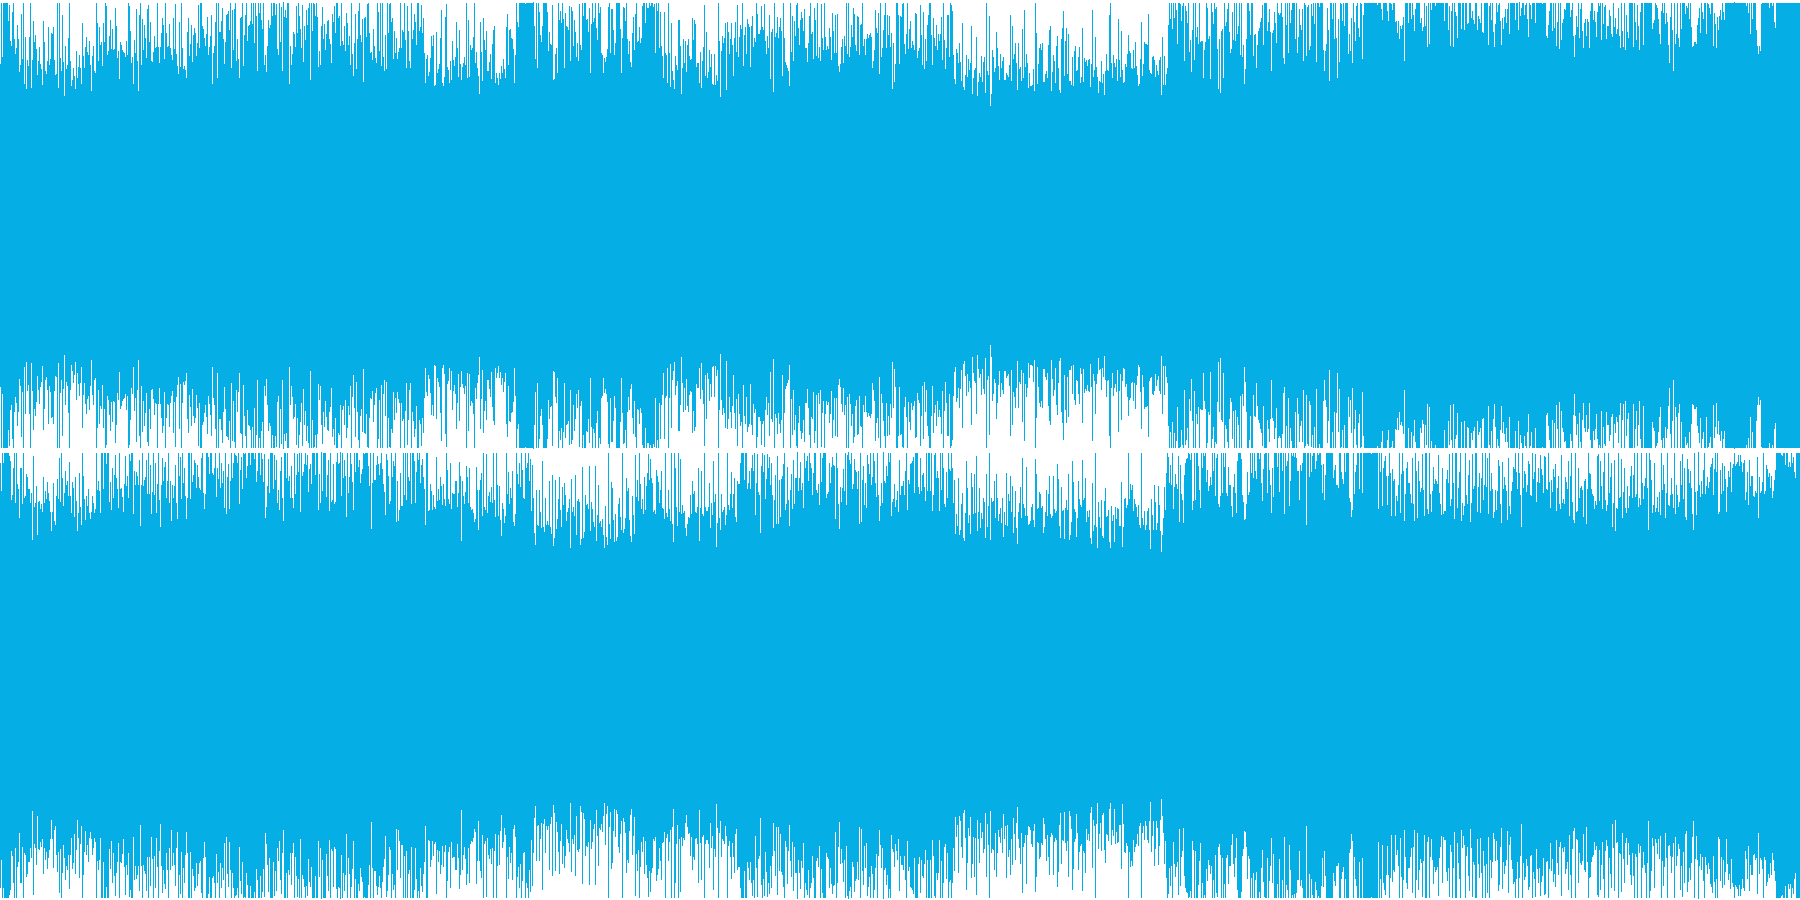 メタルライクな戦闘BGMの再生済みの波形